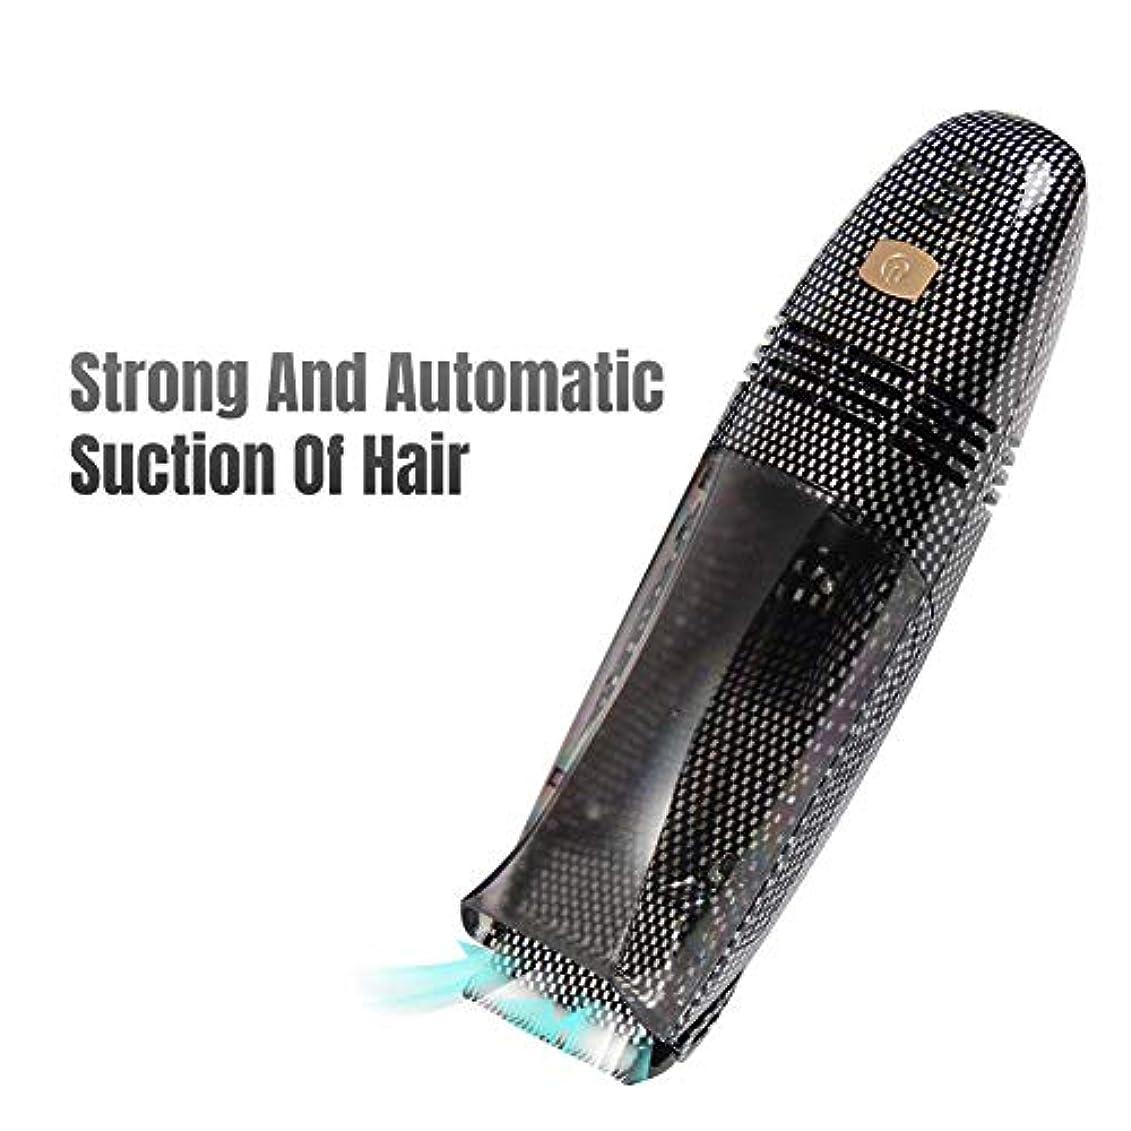 大型トラックの前で固有のキッズヘアクリッパー自動吸入毛髪機能防水静かなヘアクリッパー充電式プロフェッショナルヘアクリッパー